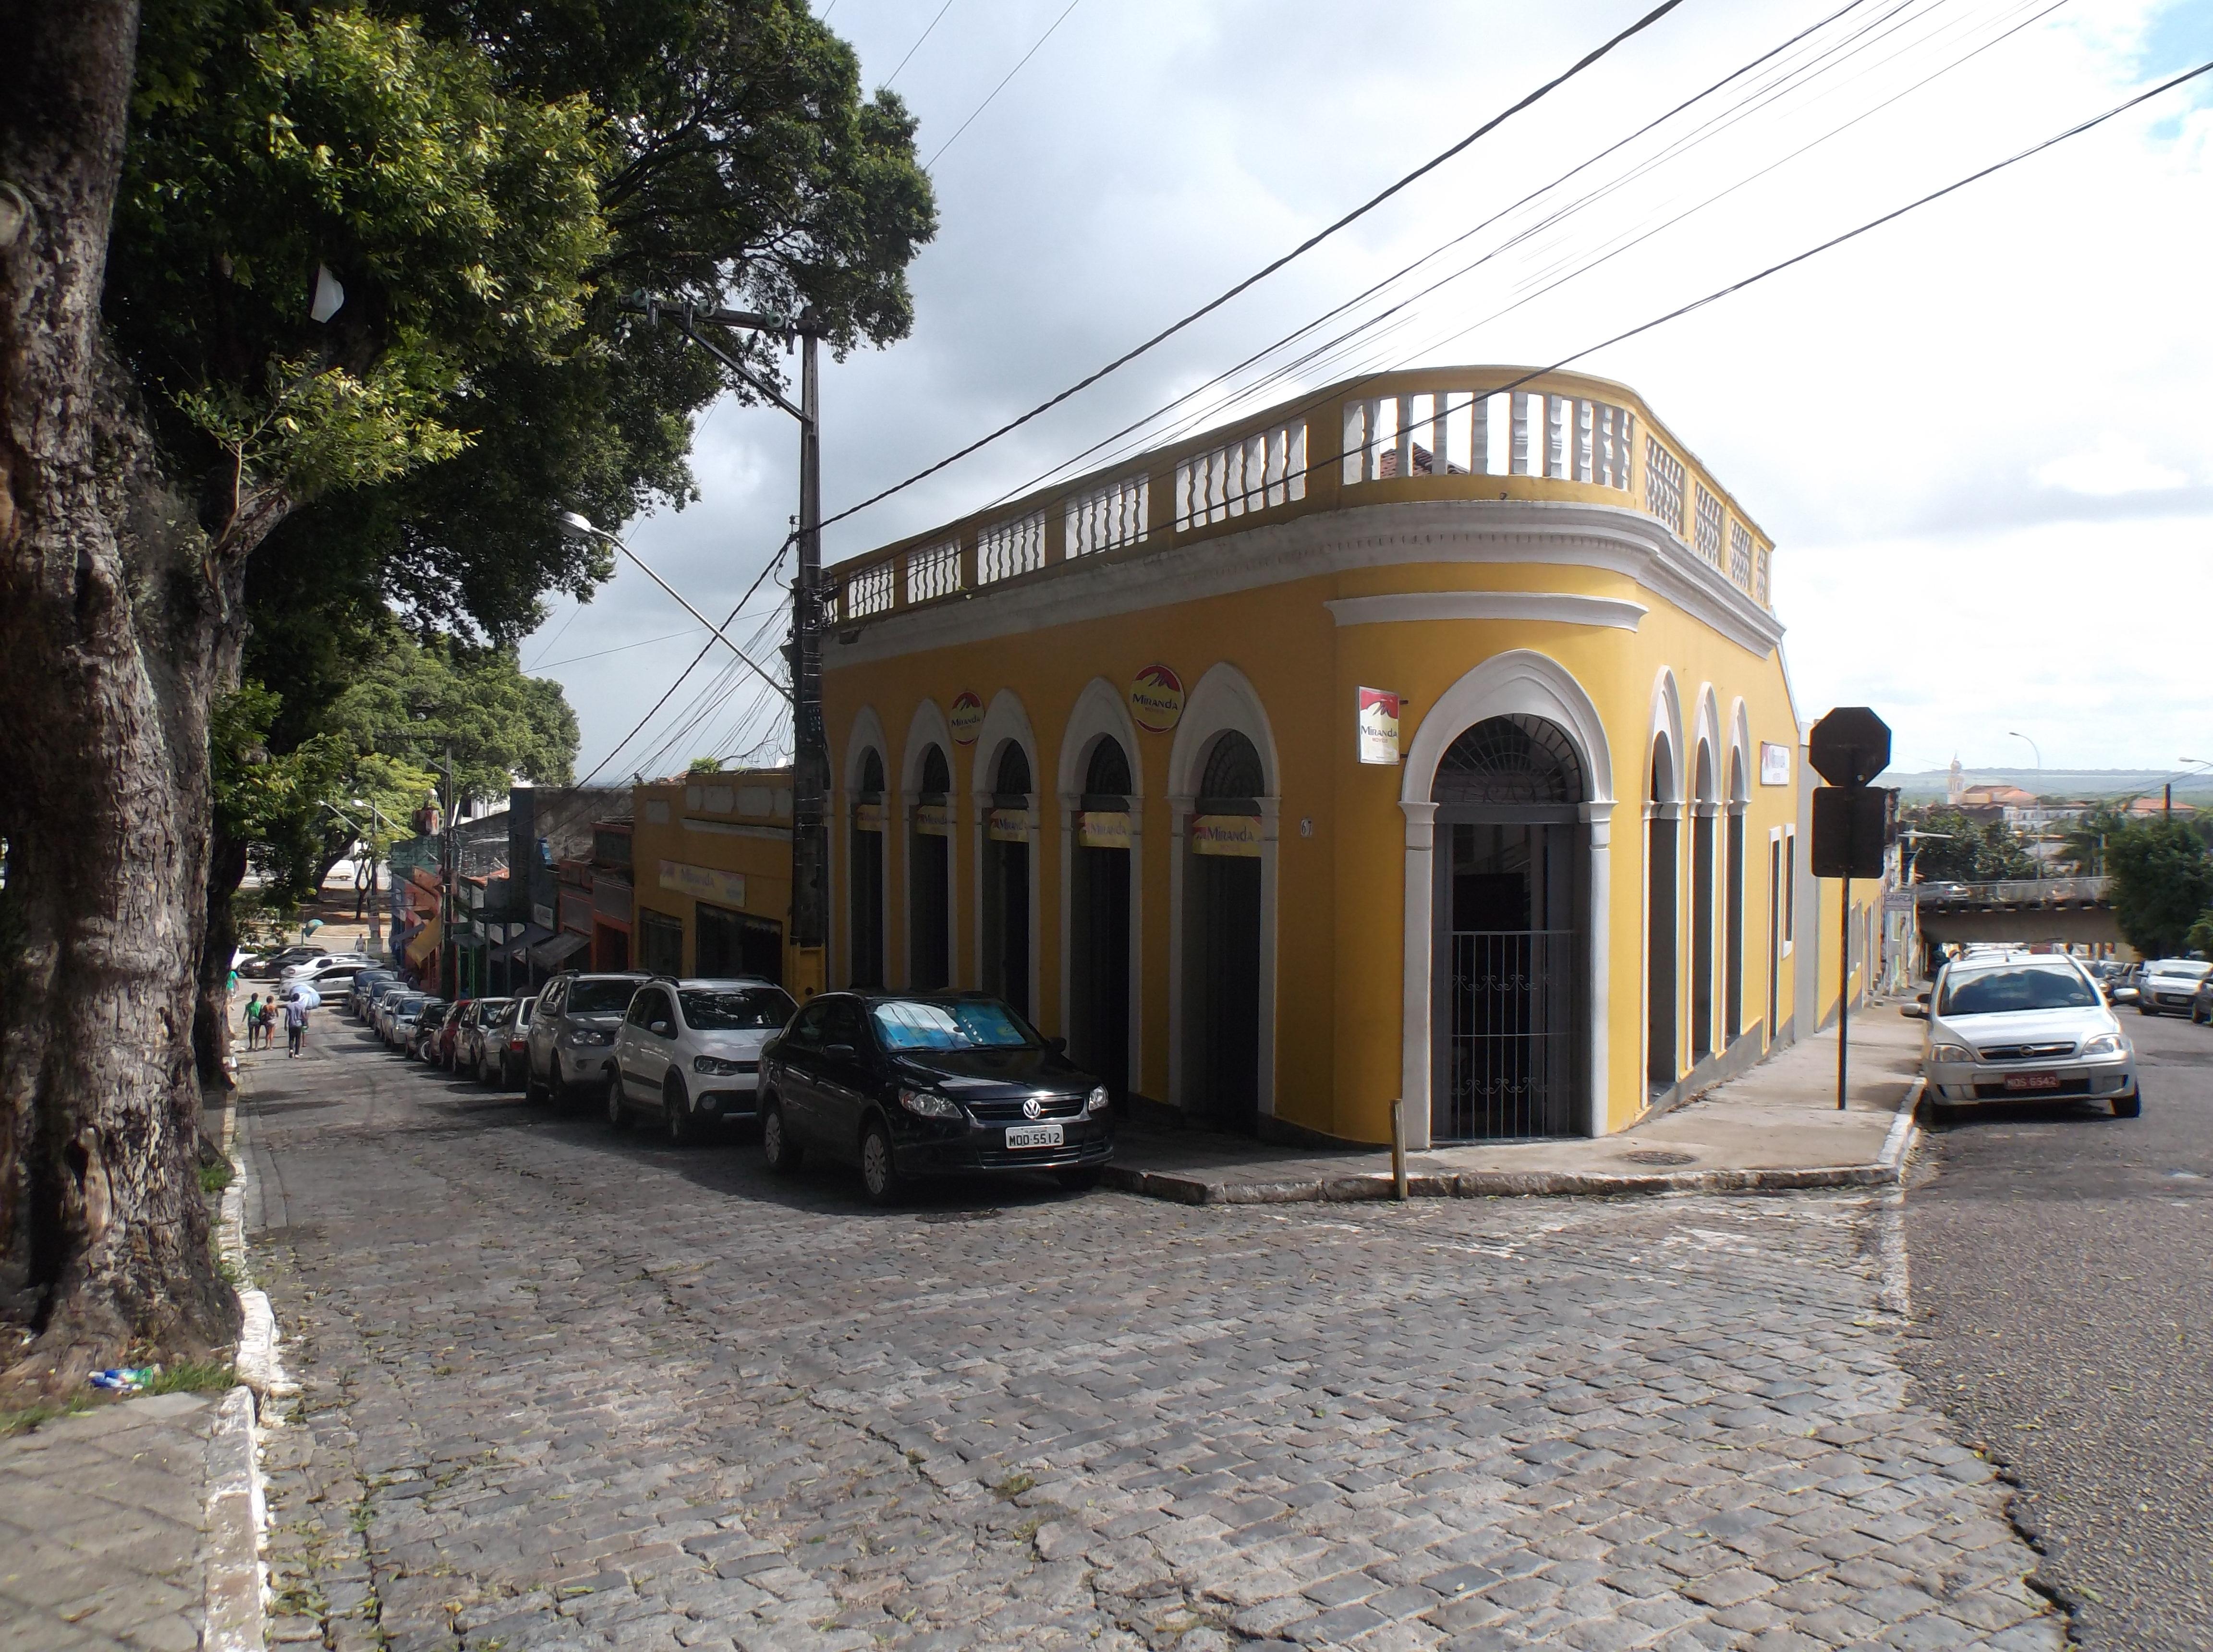 Jo o pessoa centro hist rico brasil 2014 for Sanborns azulejos direccion